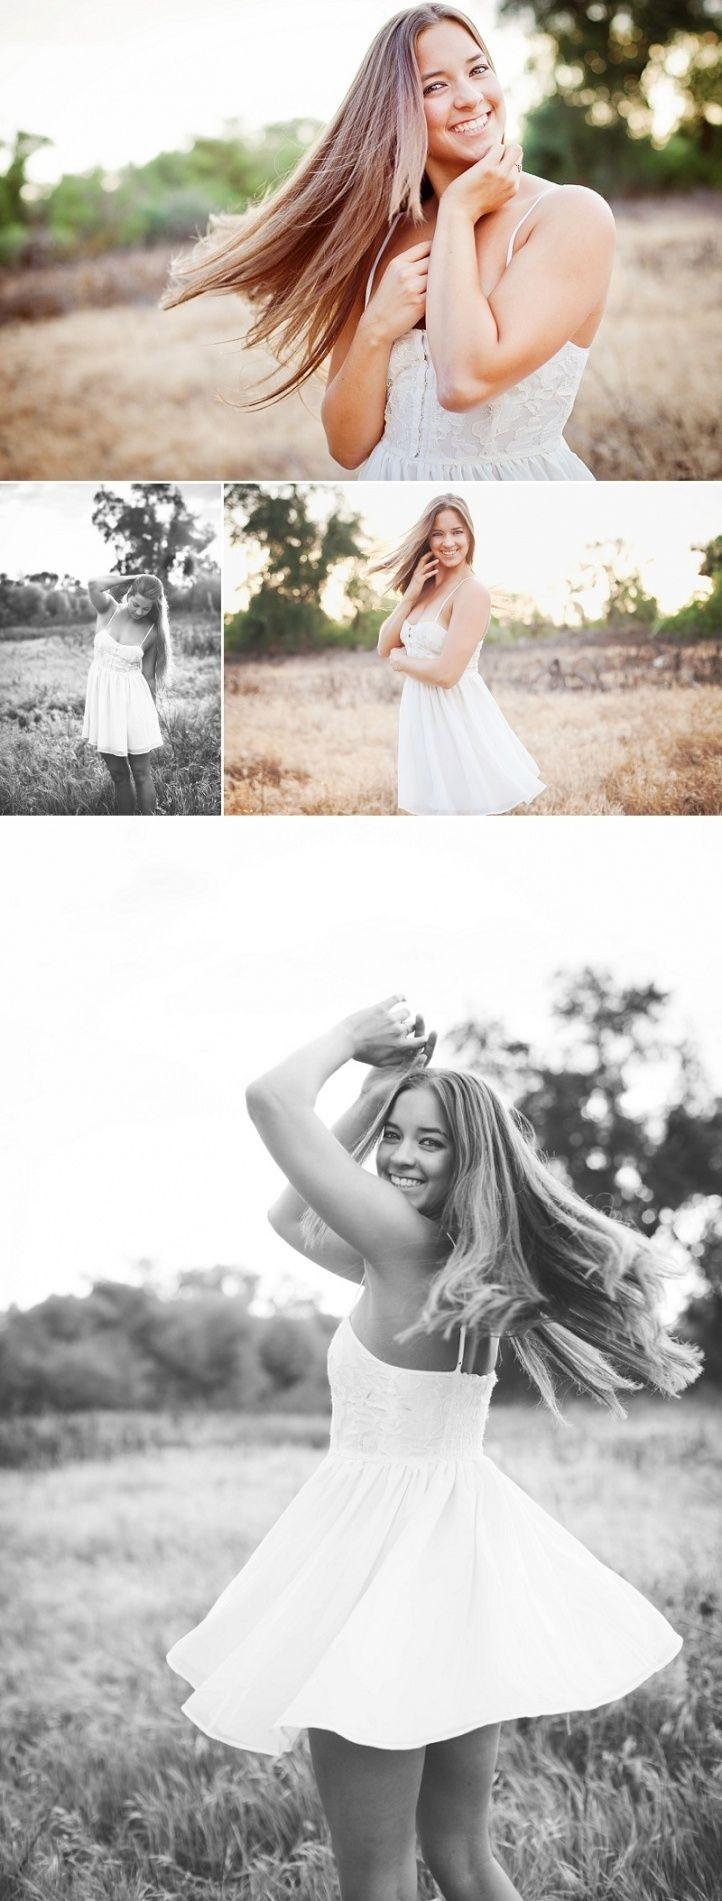 Sesión de fotos chica